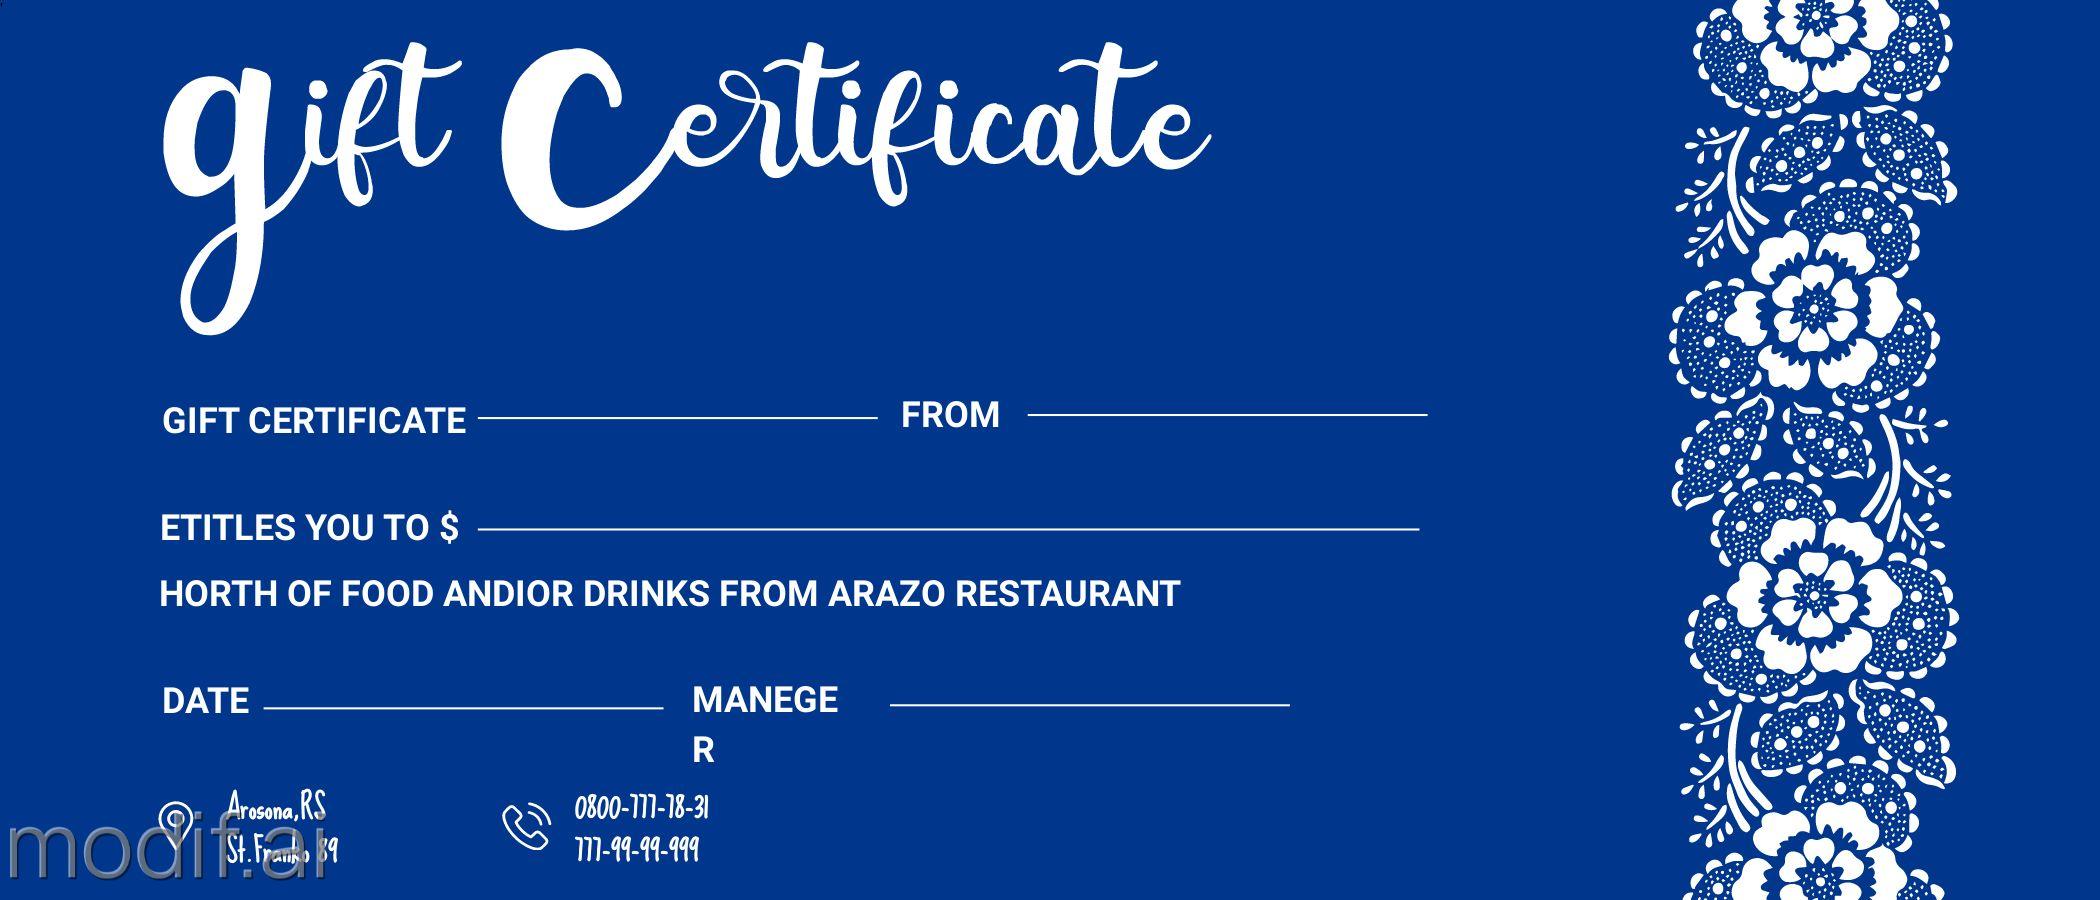 Restaurant Gift Certificate Design